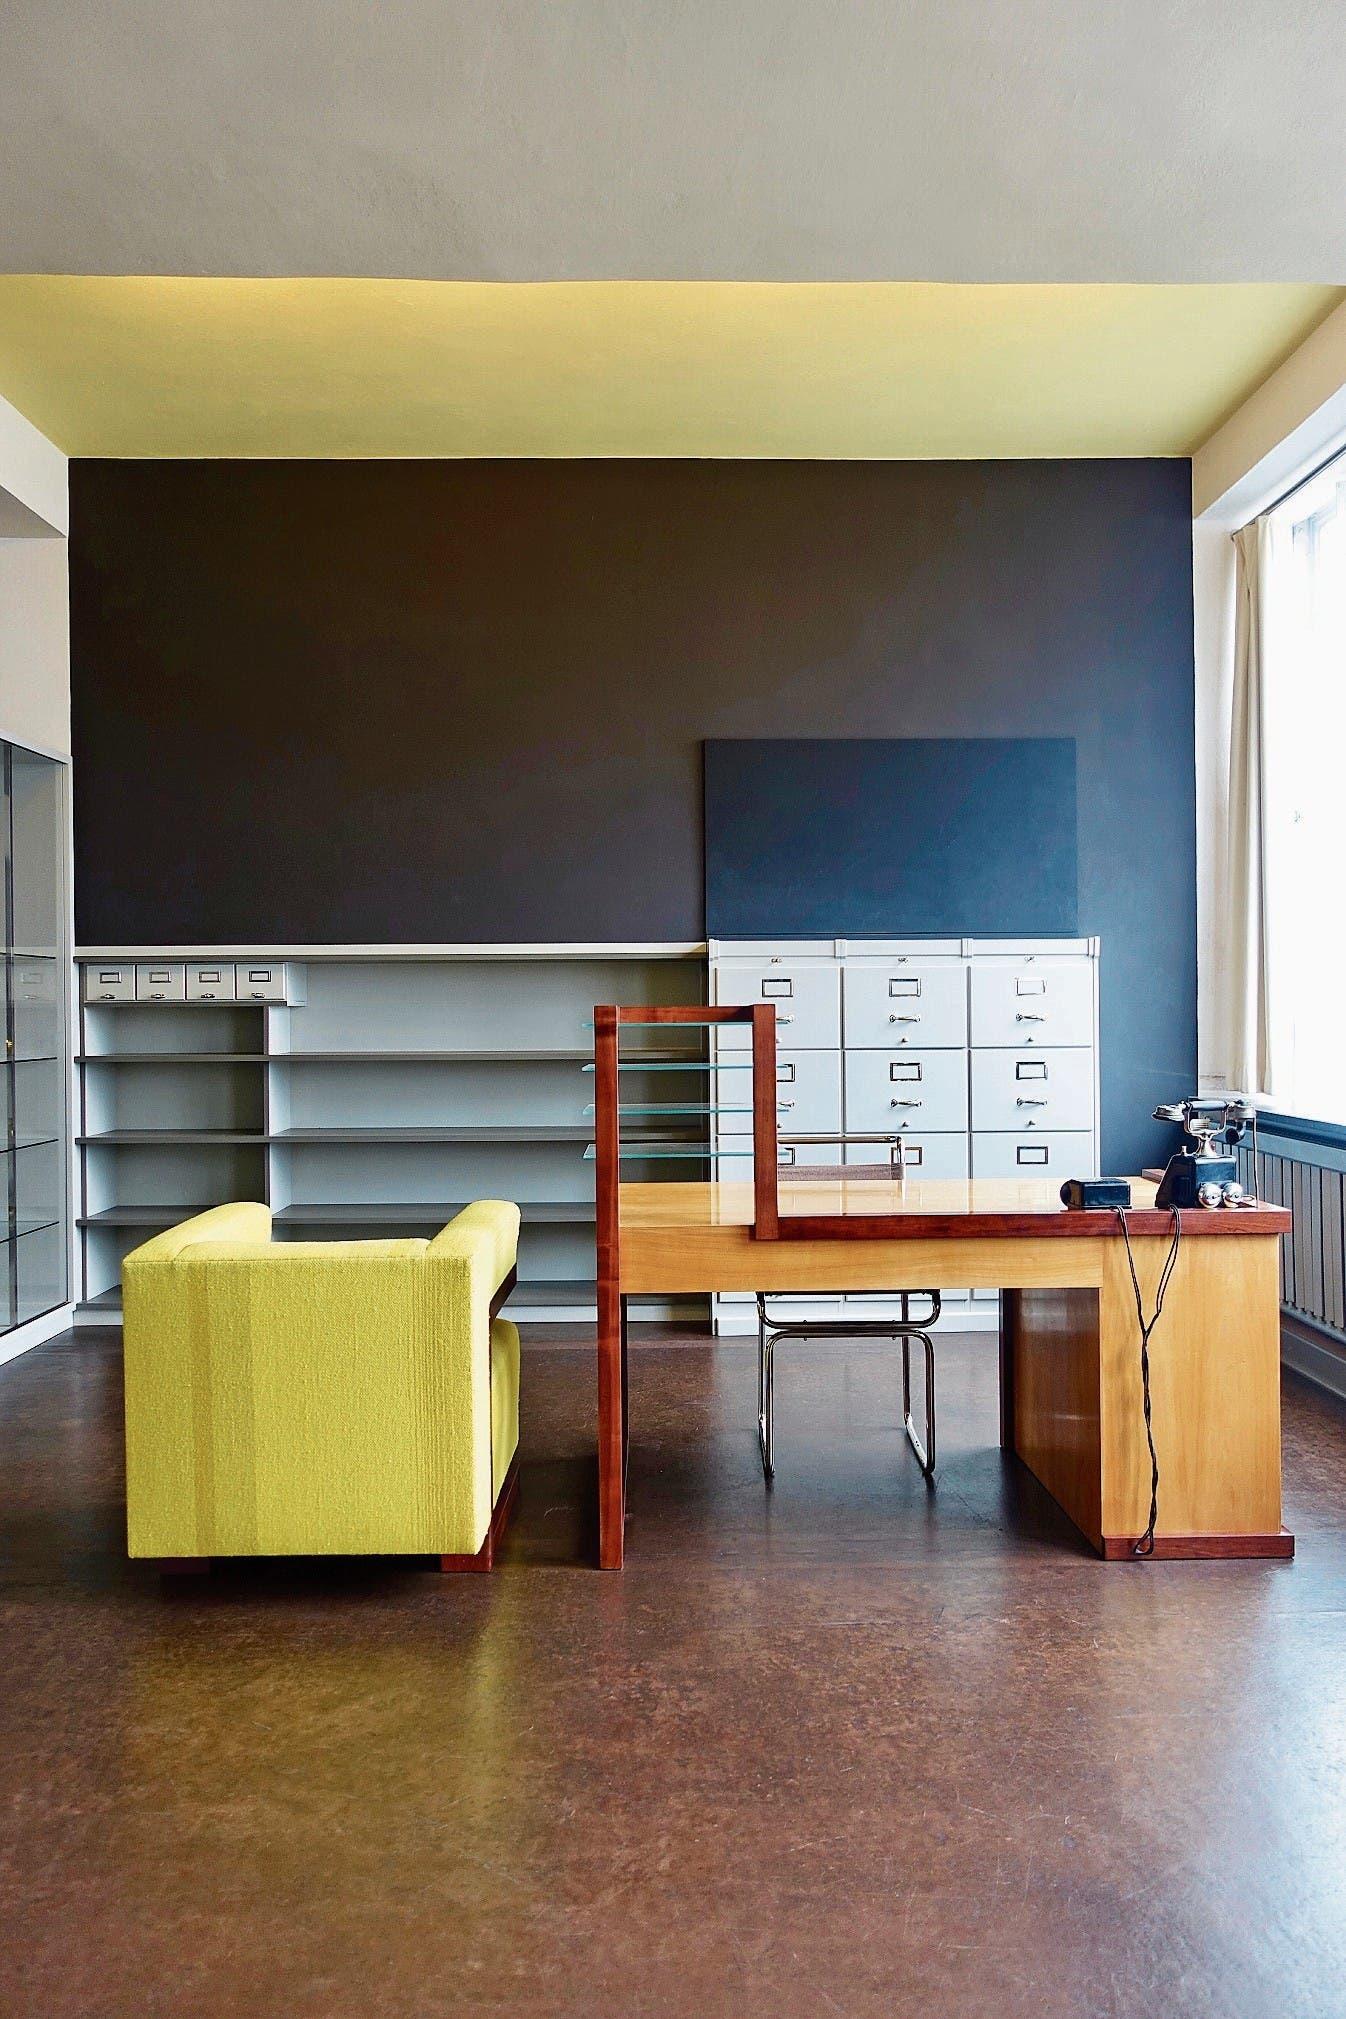 Direktionszimmer von Walter Gropius im Bauhaus Dessau.